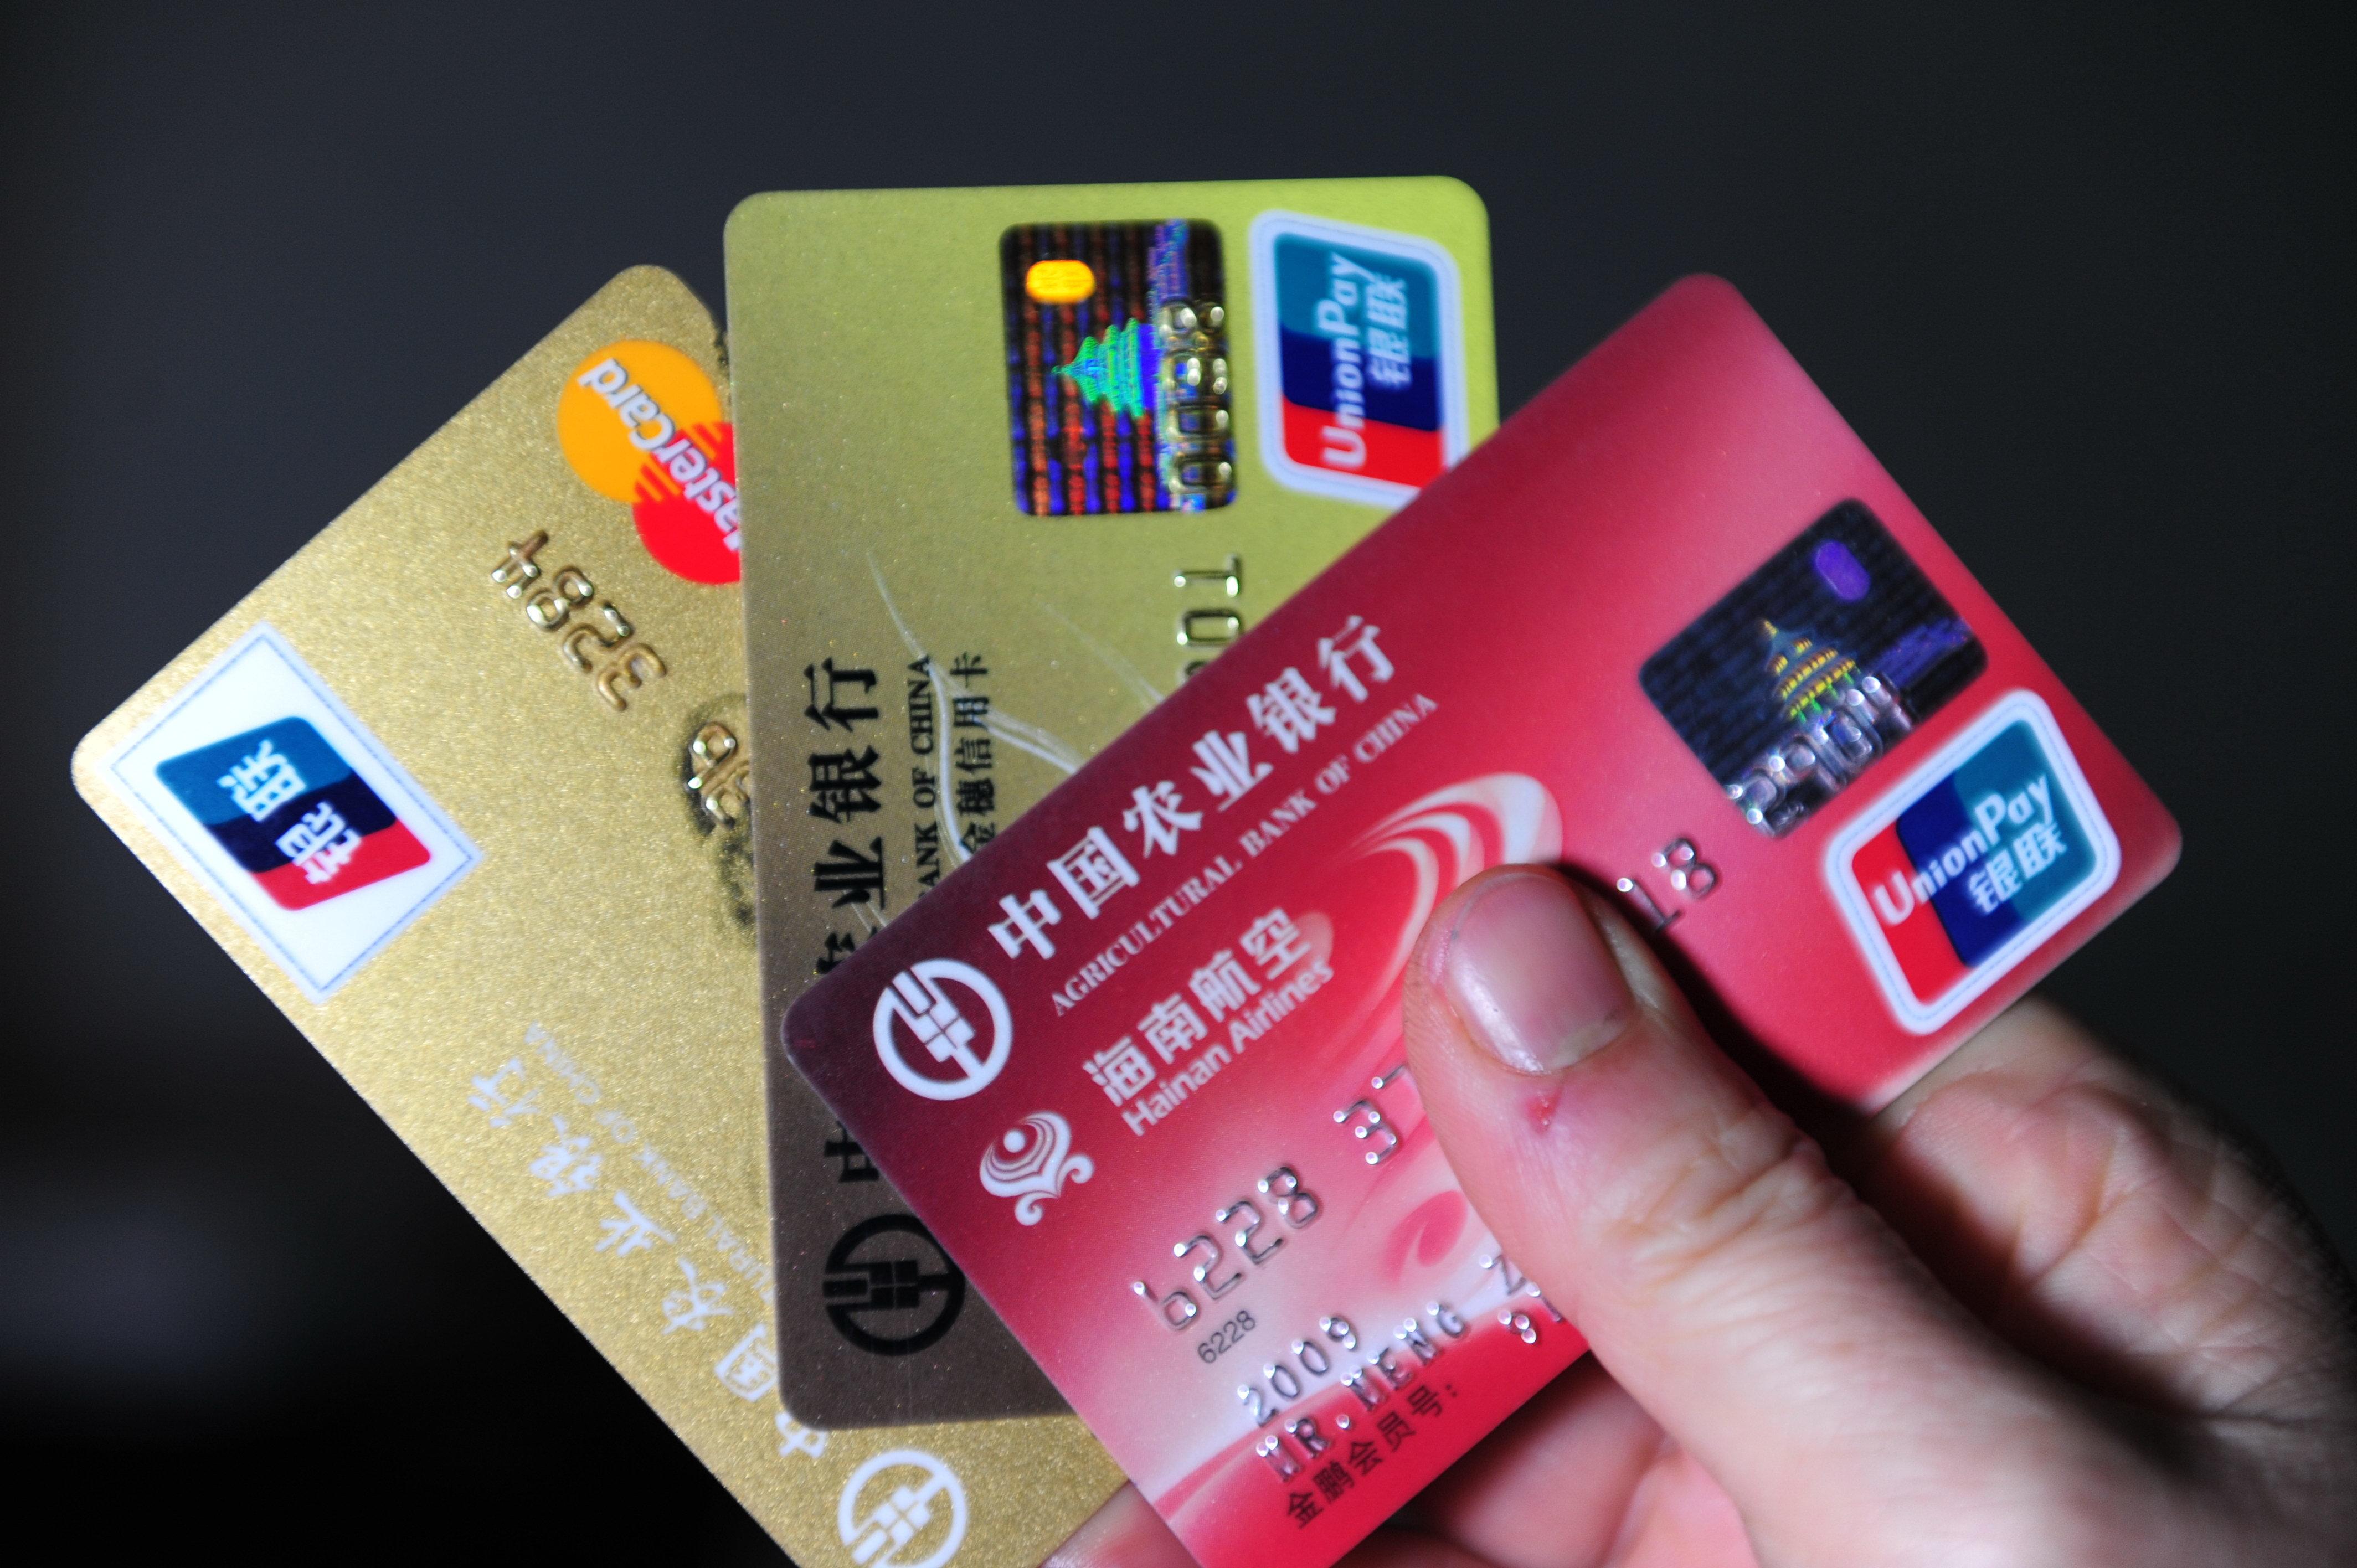 信用卡提额神操作,想提额就挂失,成功率90%!